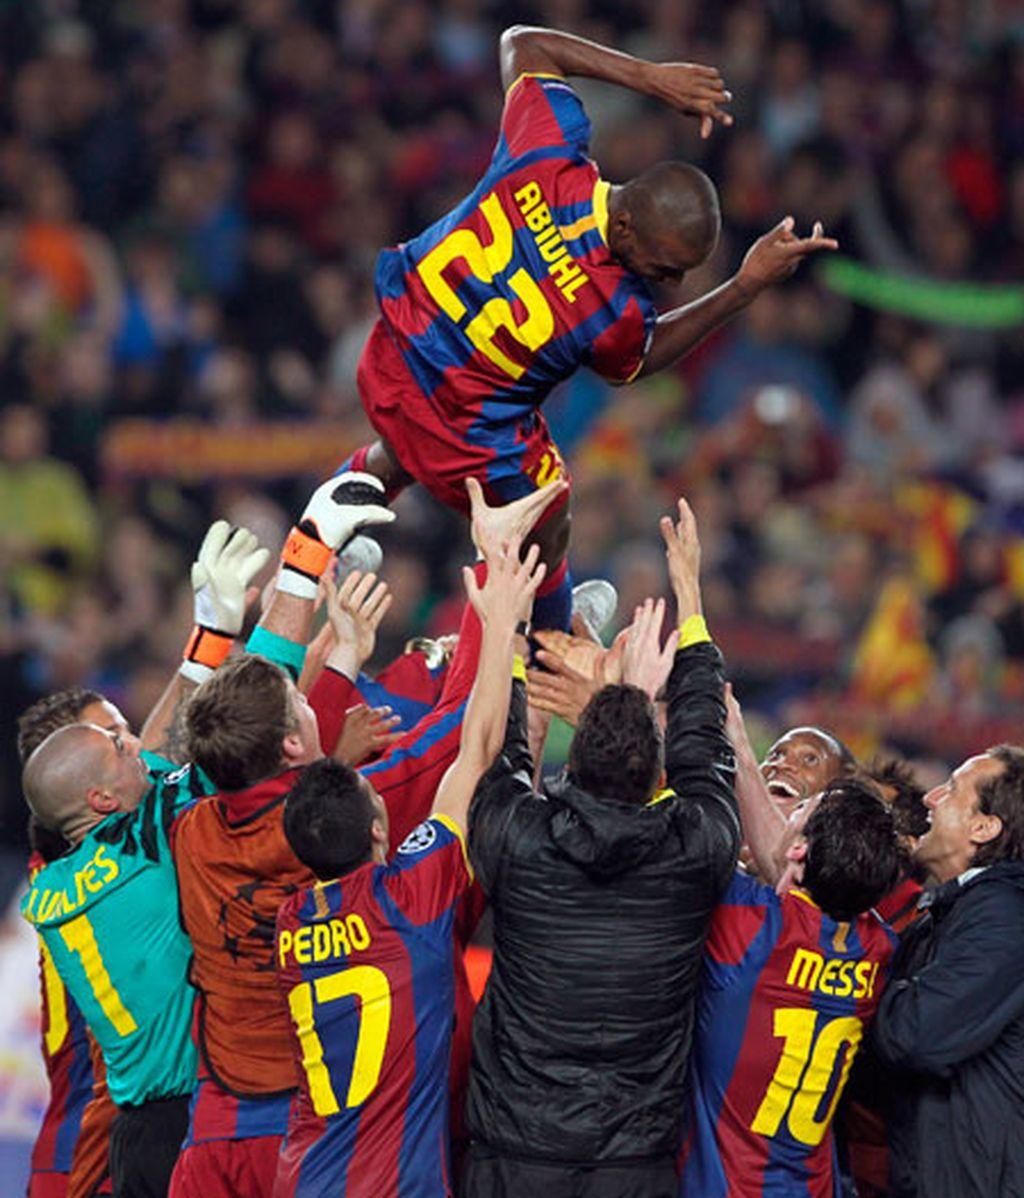 Los jugadores del FC Barcelona mantean a su compañero Eric Abidal durante la celebración del paso de los blaugranas a la final de la Liga de Campeones. Foto: EFE.